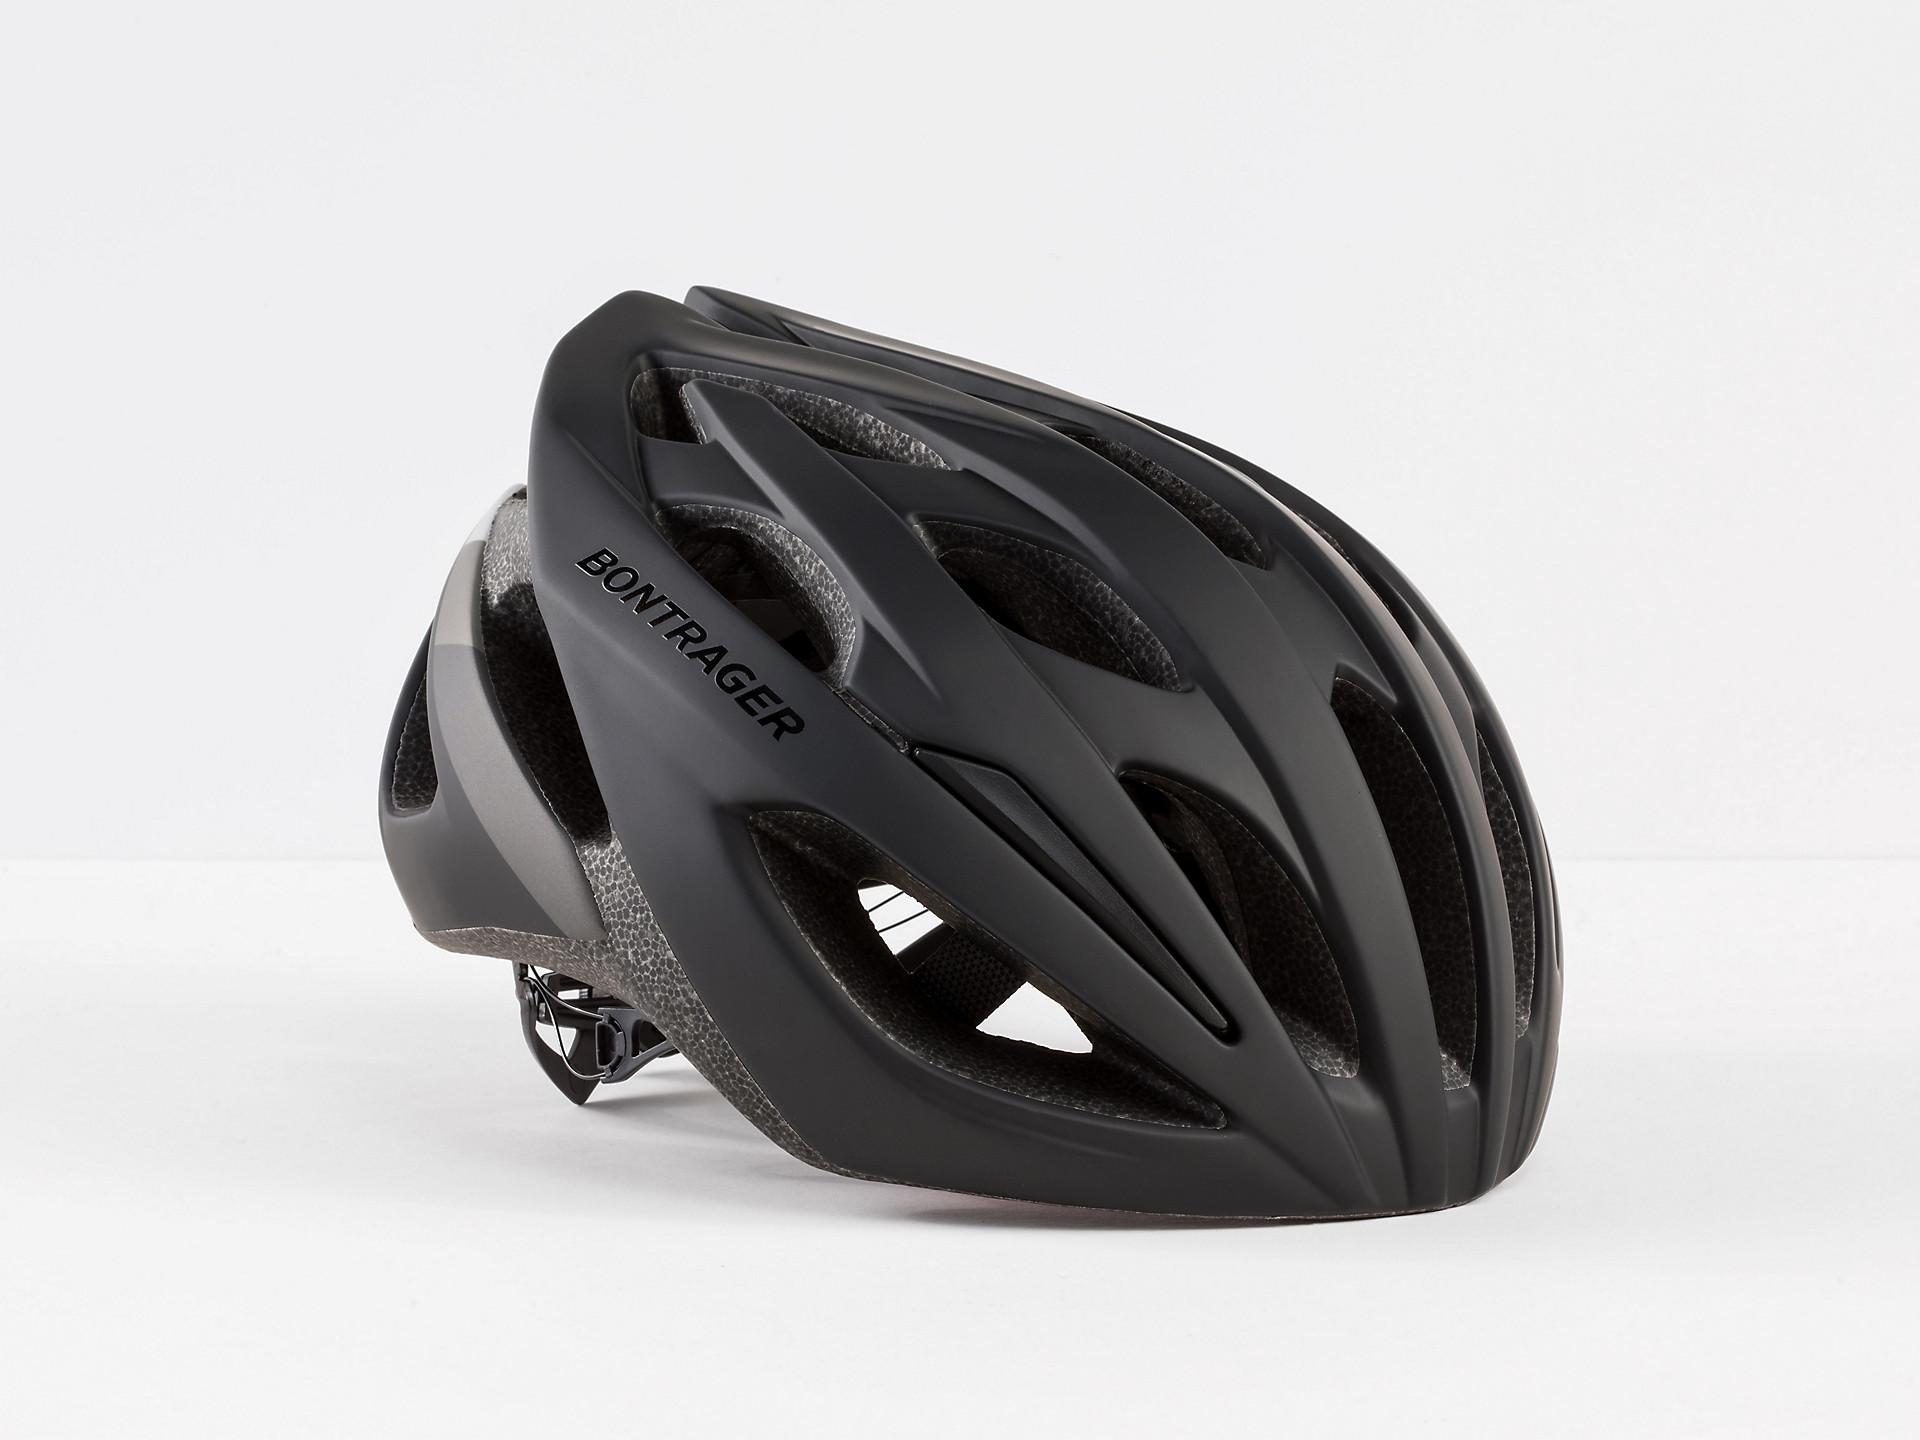 Capacete de bicicleta de estrada Bontrager Starvos com MIPS 4555f2108660f